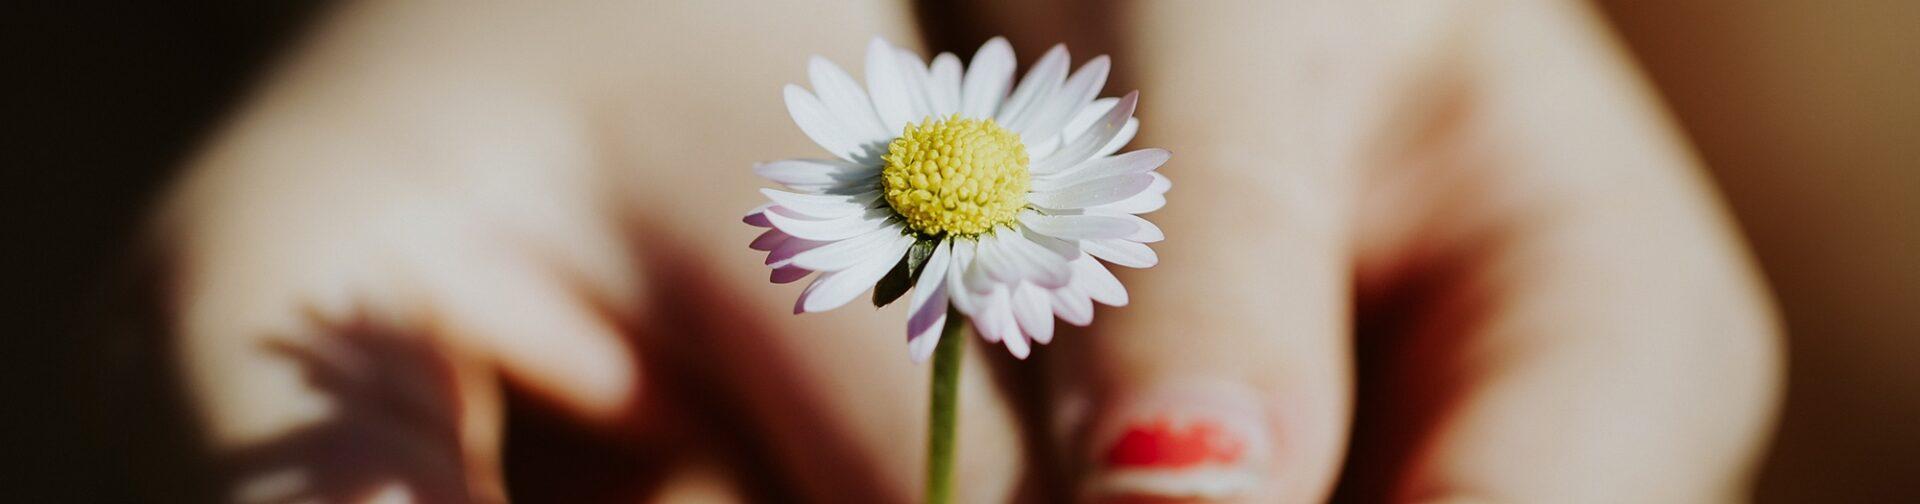 holding flower